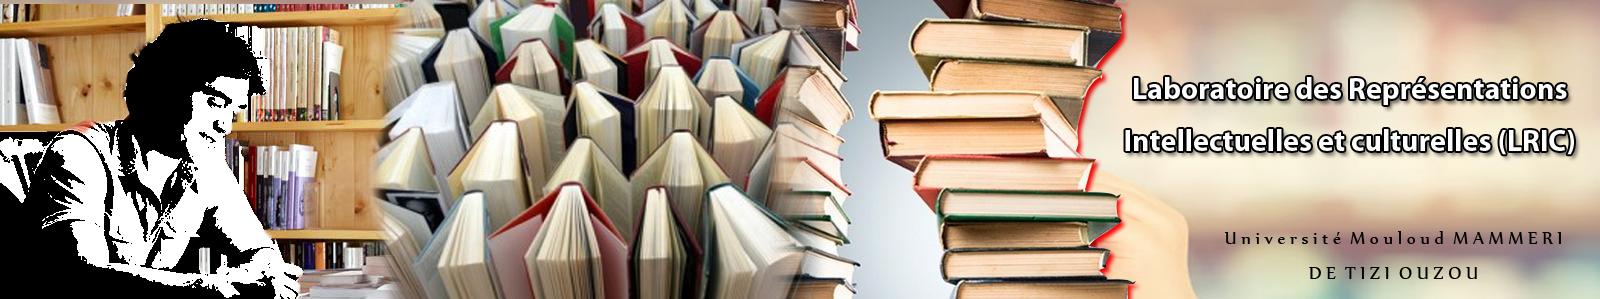 Représentations Intellectuelles et culturelles (LRIC)